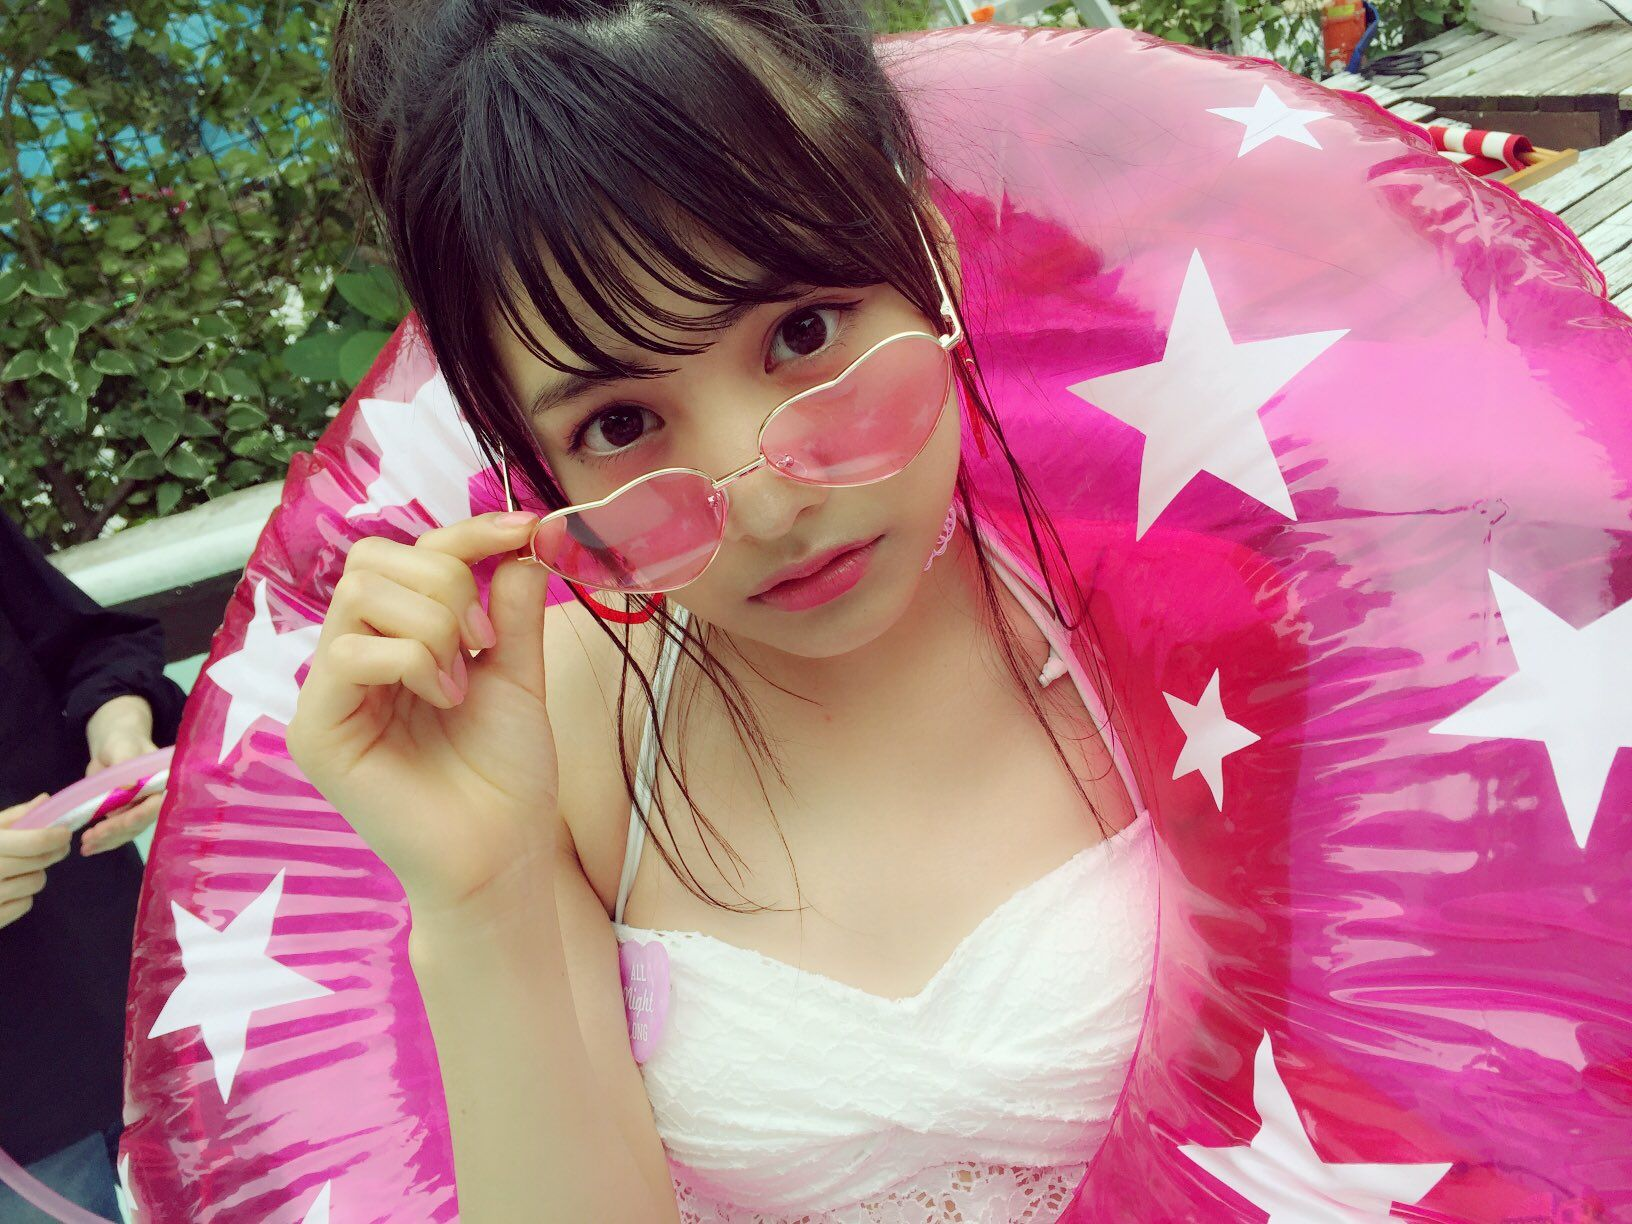 """松永有紗さんのツイート: """"おはこん〜😚✌️✌️ みんなにとって、楽しい週末になりますよぅに...♪*゚ https://t.co/sLXfkJtk3A"""""""